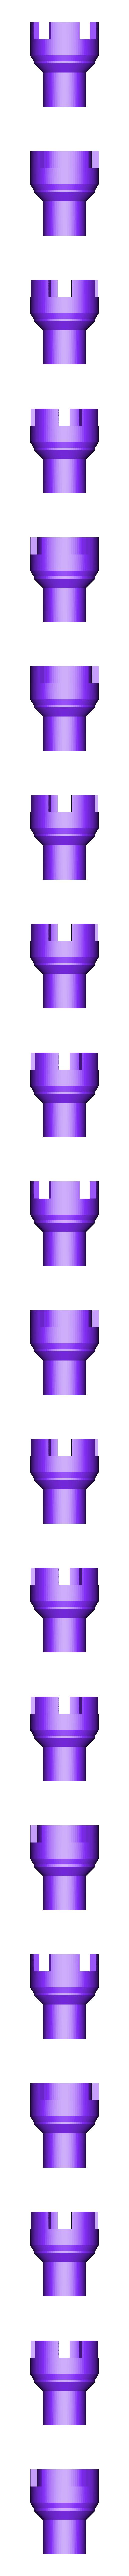 Thumper_body_6.stl Télécharger fichier STL gratuit Dune Thumper - au travail • Design à imprimer en 3D, poblocki1982